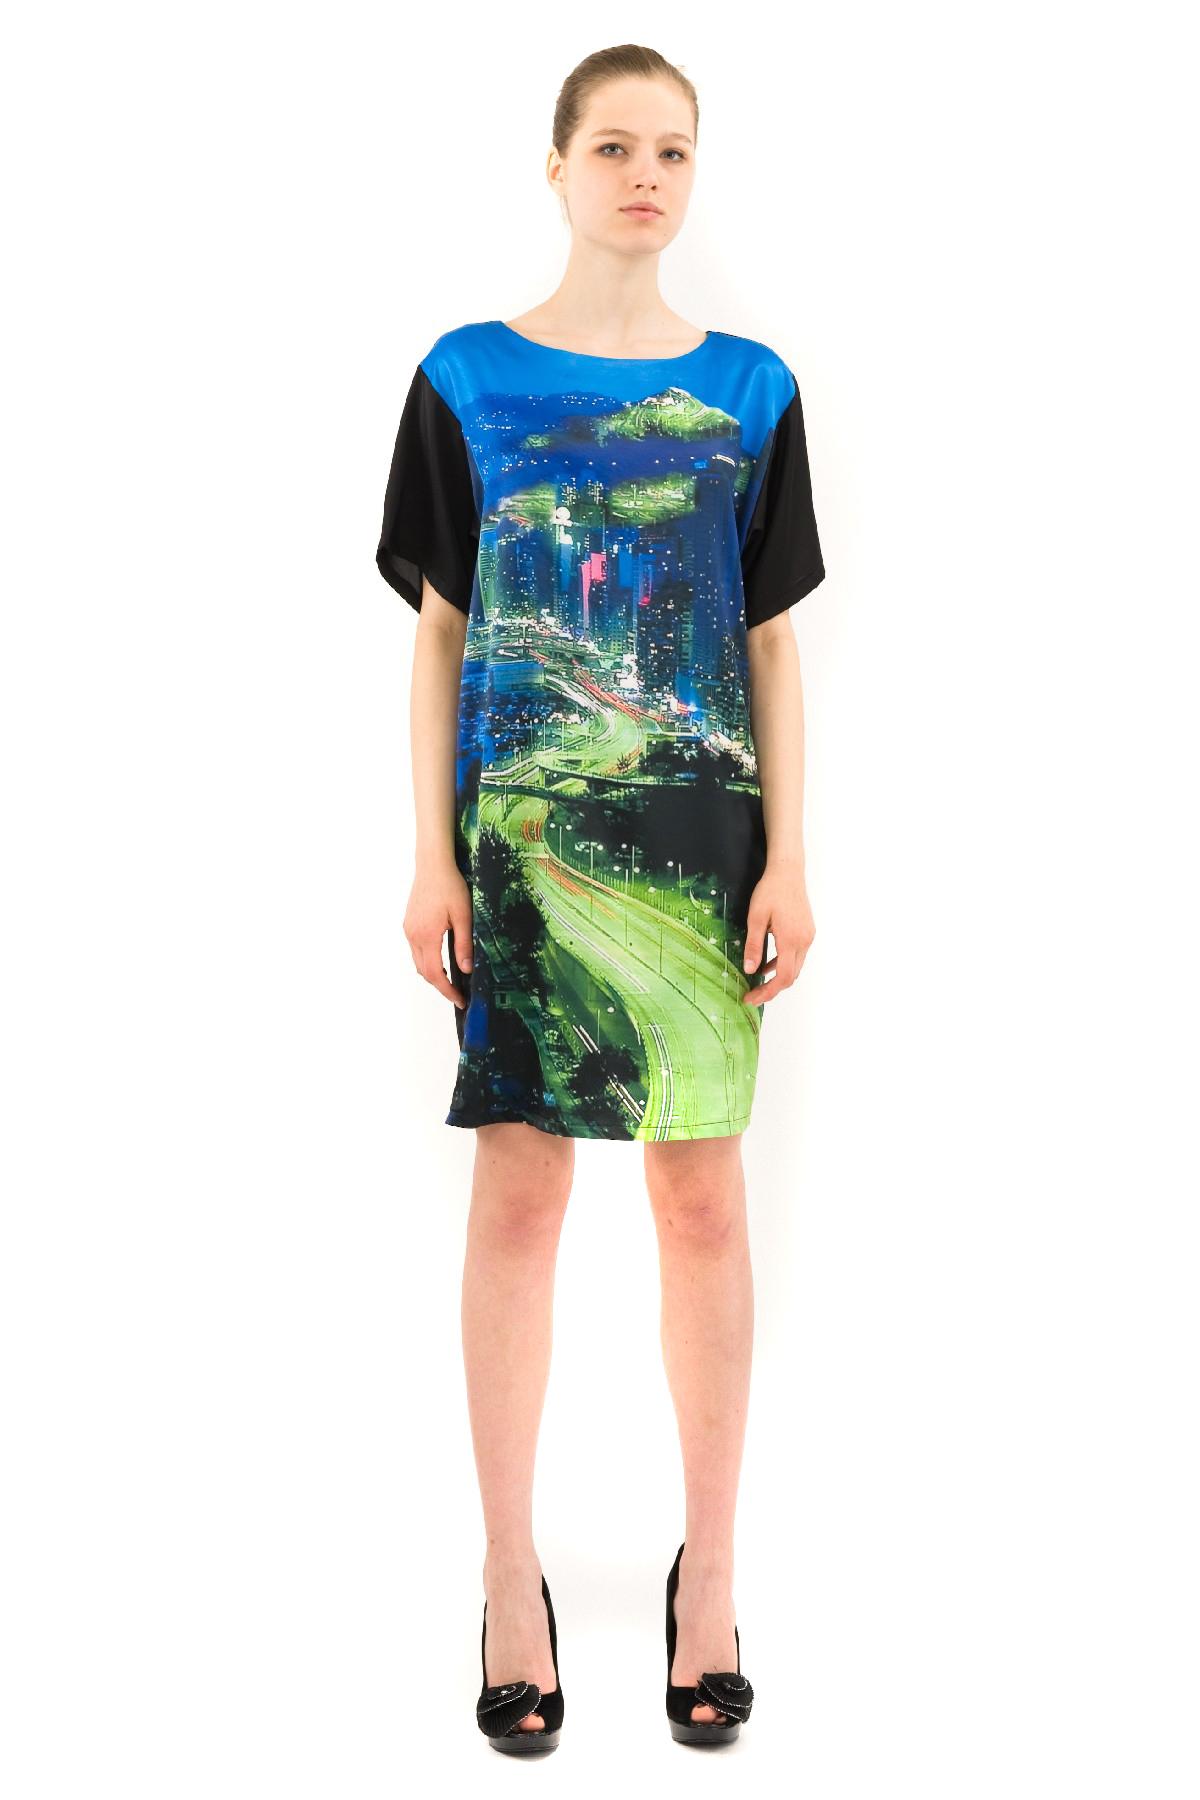 ПлатьеПлатья,  сарафаны<br>Великолепное платье с дизайнерским принтом выполнено в стиле color blocking. Изделие свободного покроя с короткими рукавами и округлым вырезом горловины. Прекрасный вариант для создания эффектного образа.<br><br>Цвет: черный,зеленый<br>Состав: 100% полиэстер, подкладка-100% полиэстер<br>Размер: 40,42,44<br>Страна дизайна: Россия<br>Страна производства: Россия